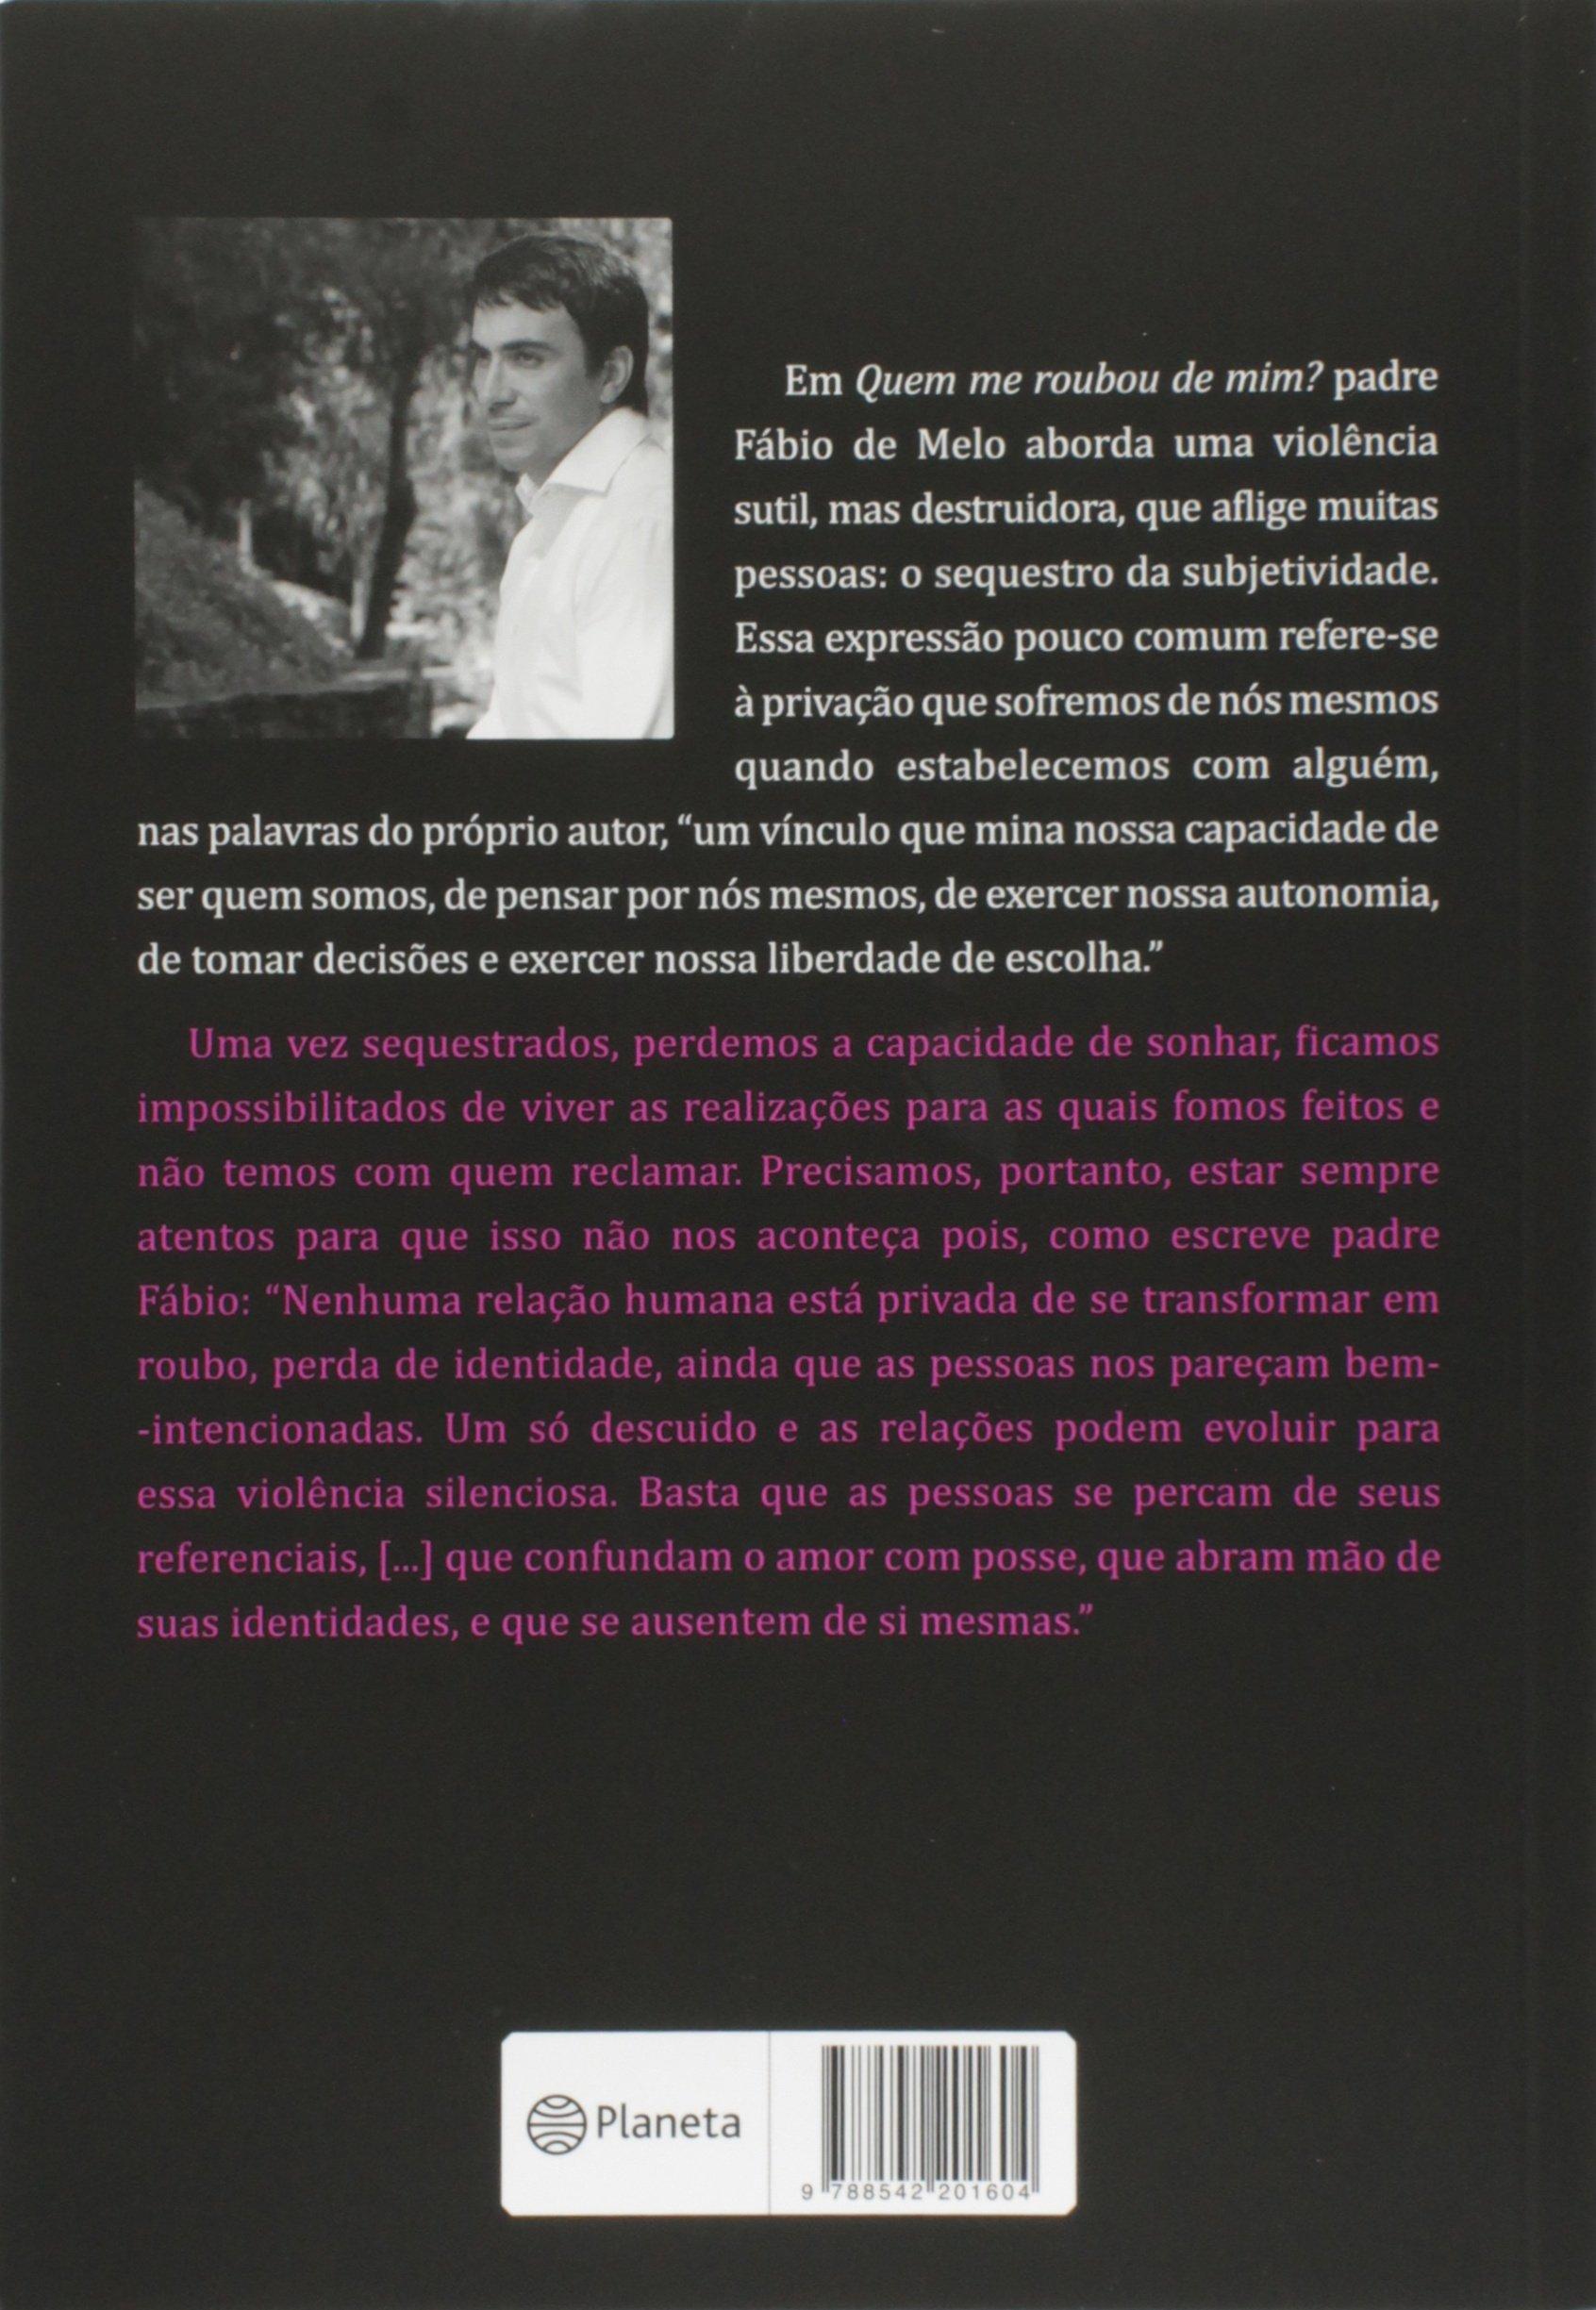 Tag Livro Padre Fabio De Melo Quem Me Roubou De Mim Baixar